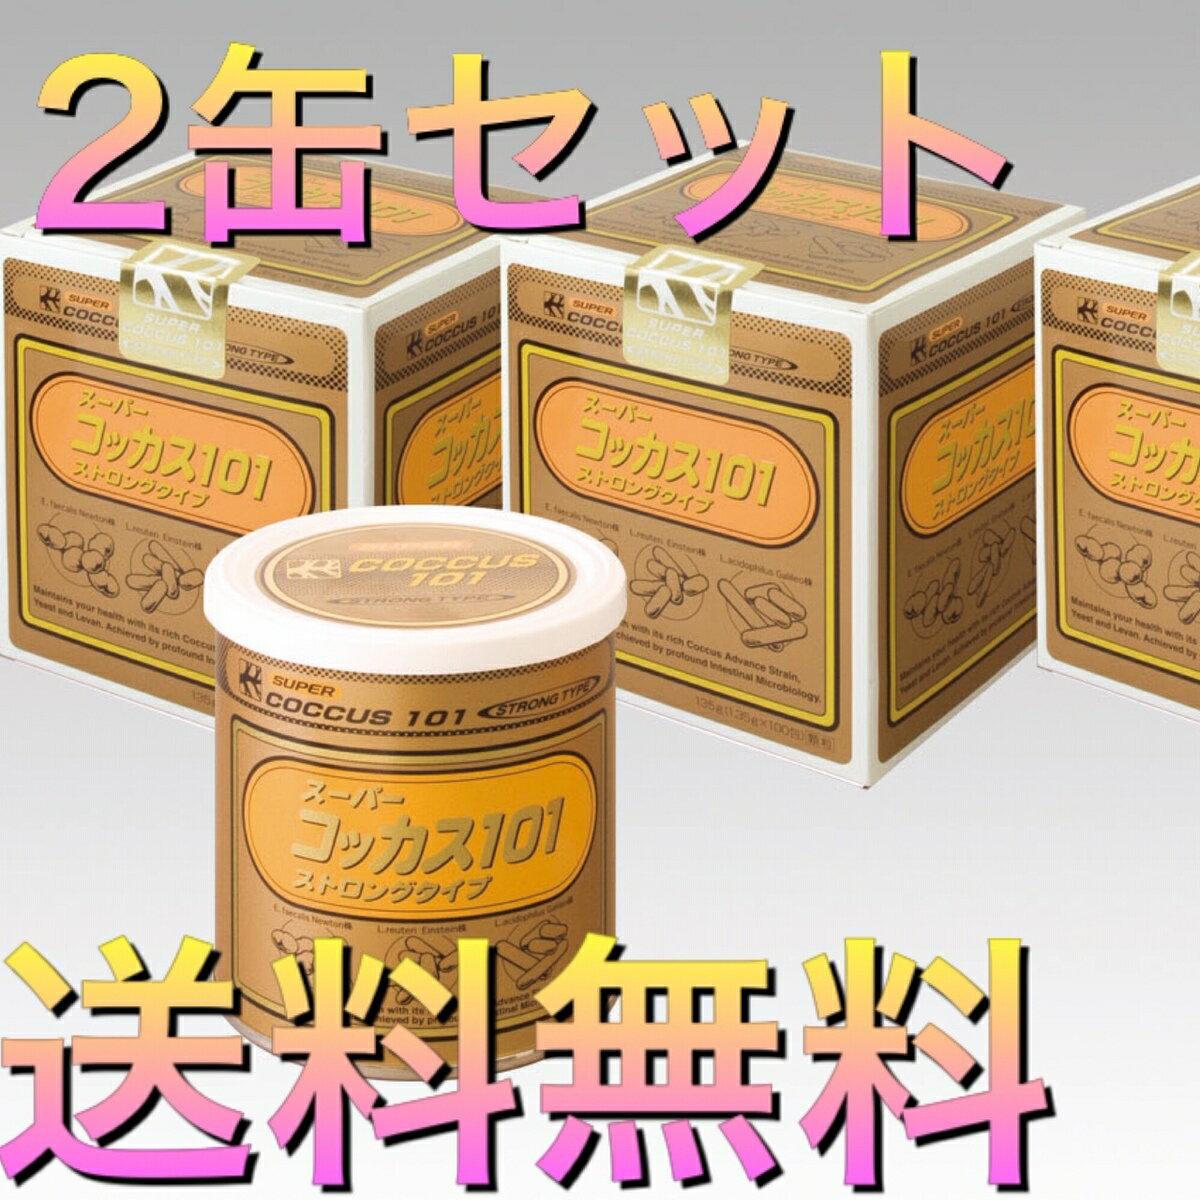 スーパーコッカス101ストロングタイプ2缶画像